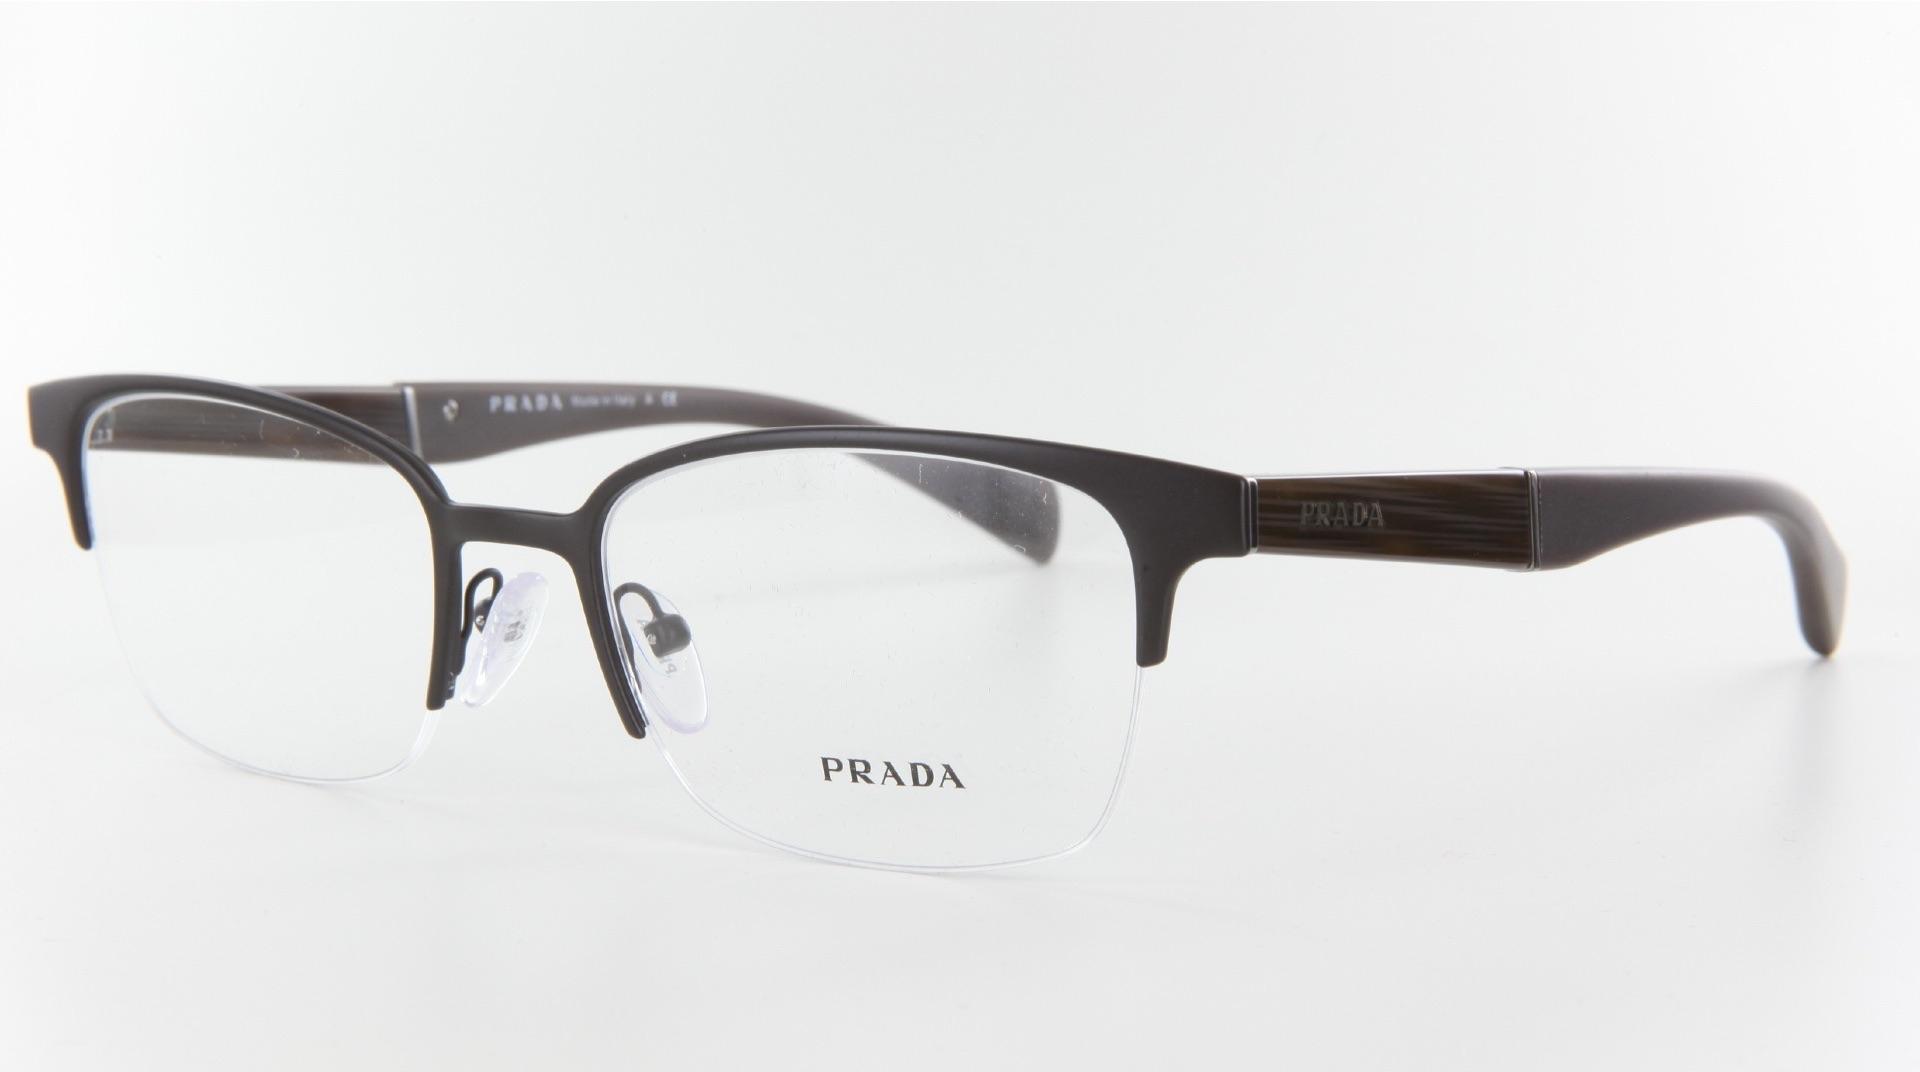 Prada - ref: 67238